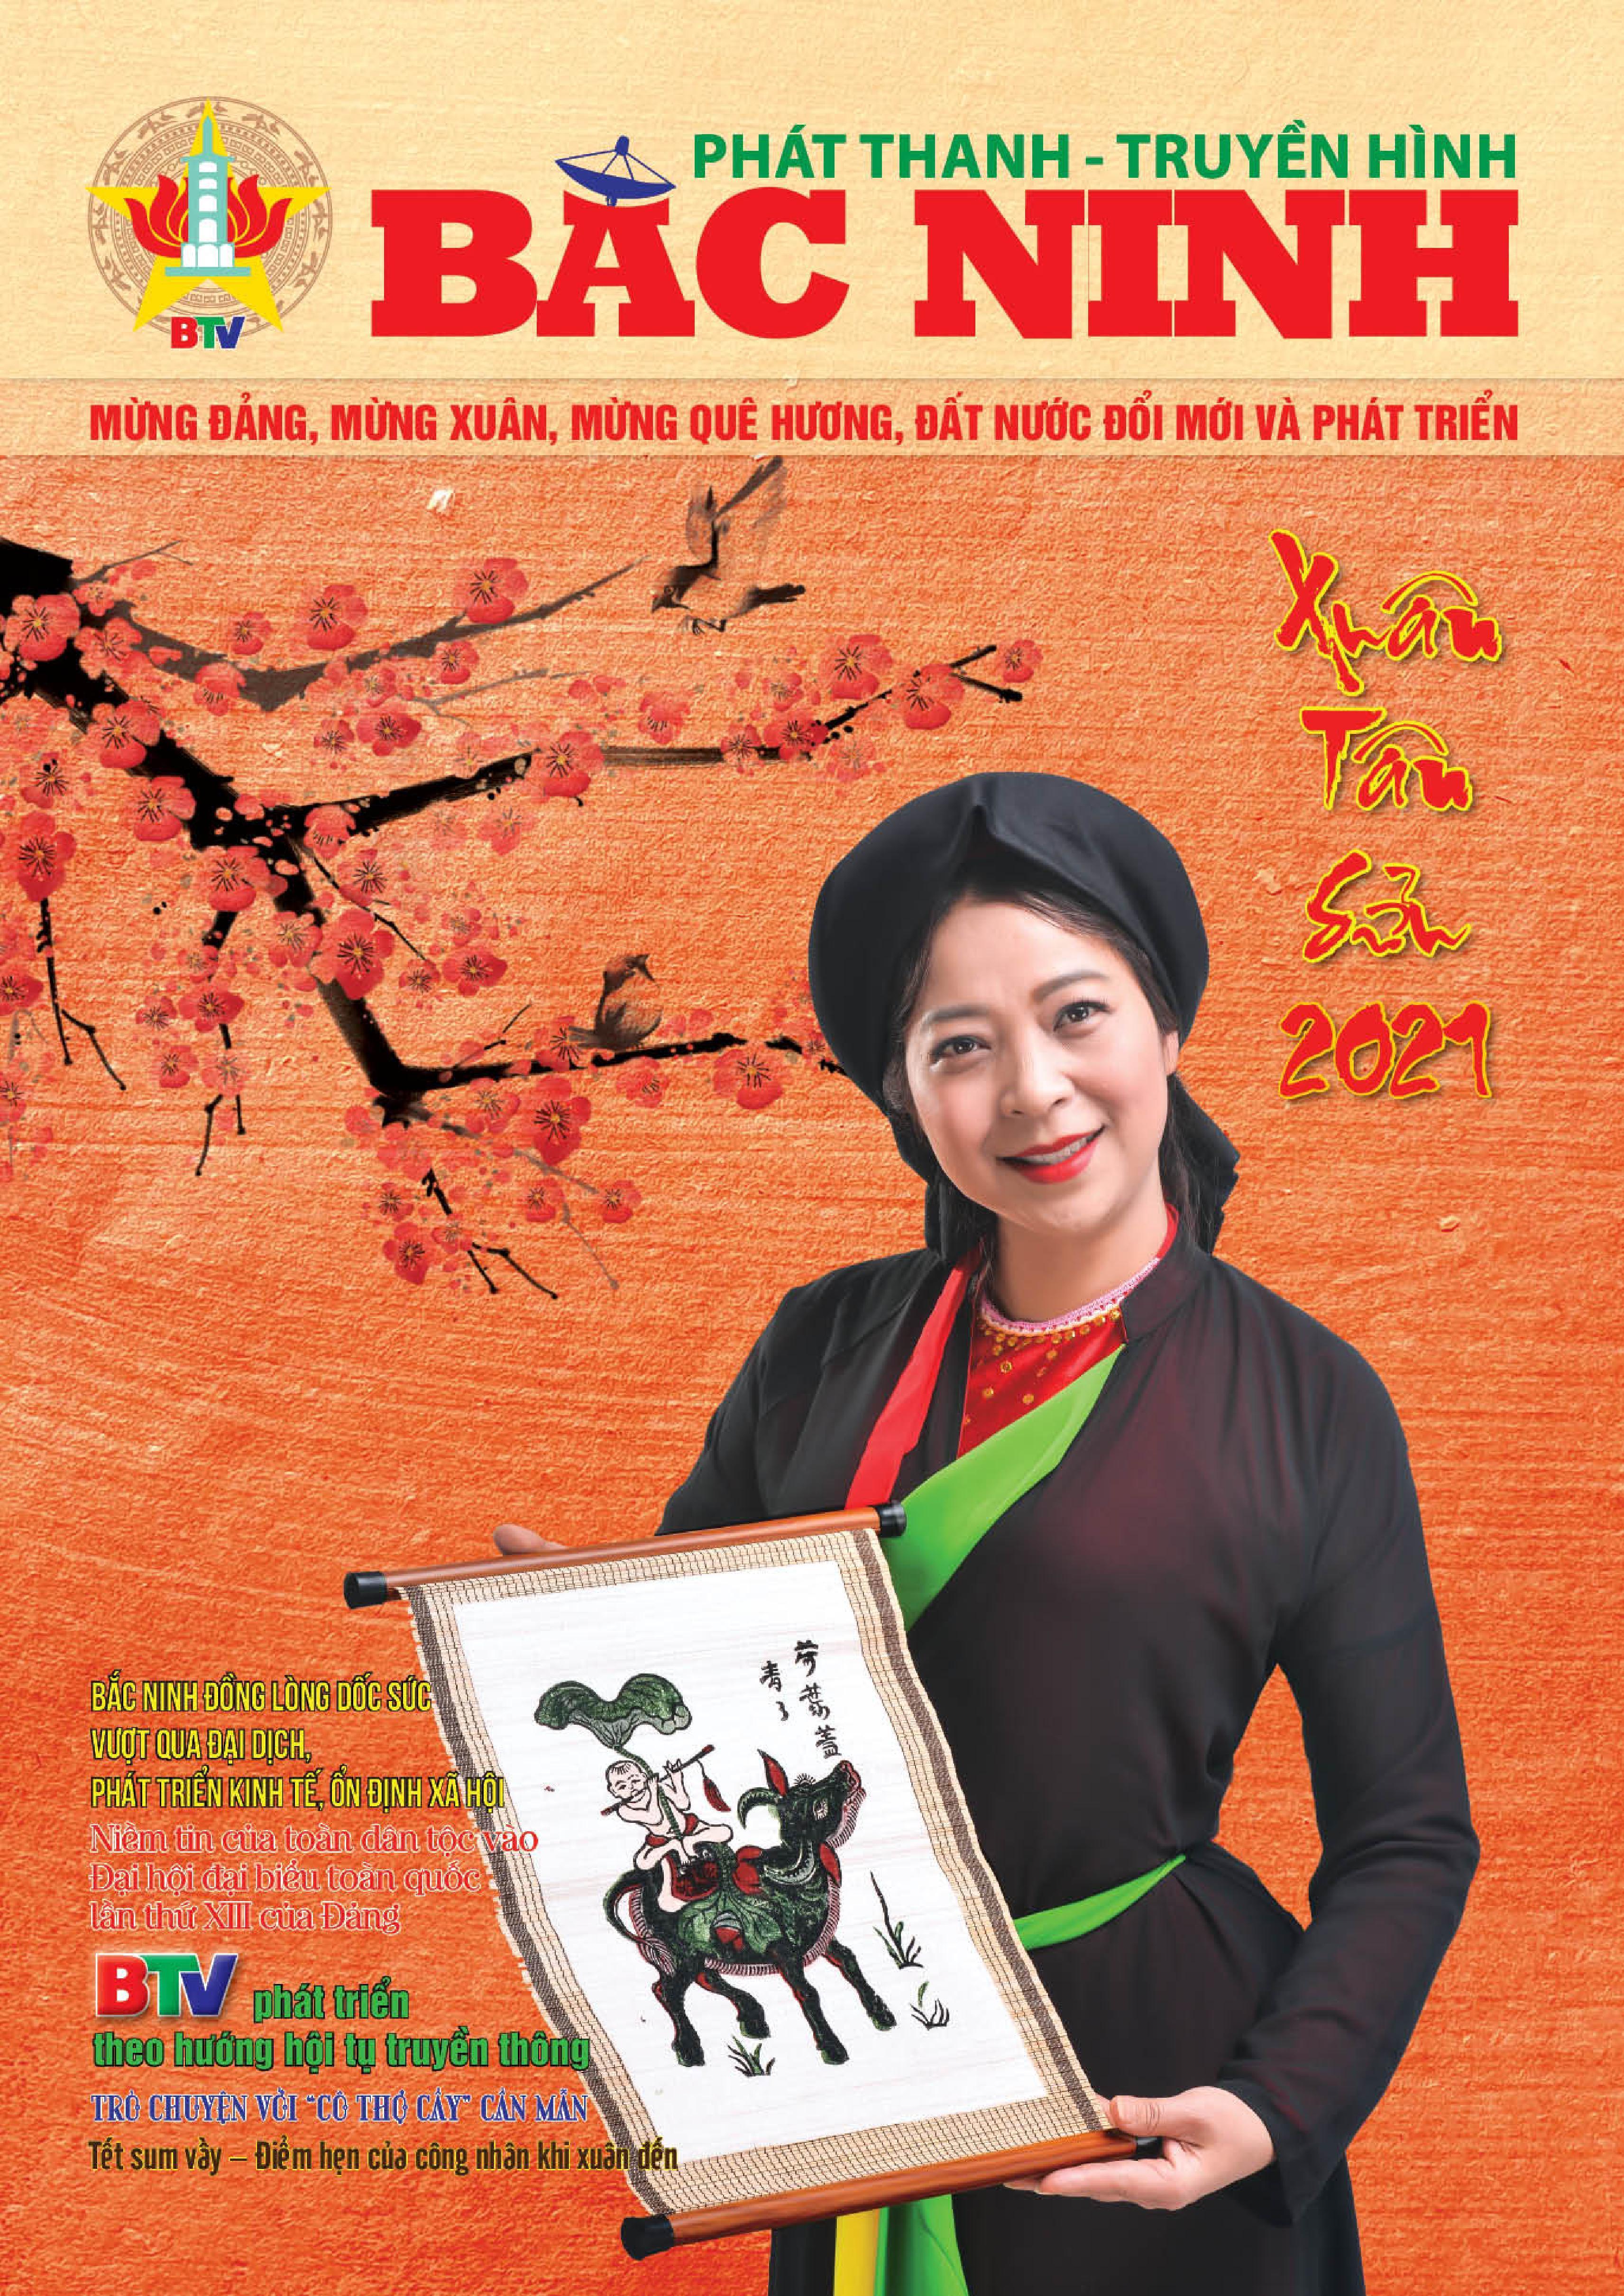 Đặc san Phát thanh - Truyền hình Bắc Ninh. Số Chào mừng 95 năm ngày Báo chí Cách mạng Việt Nam